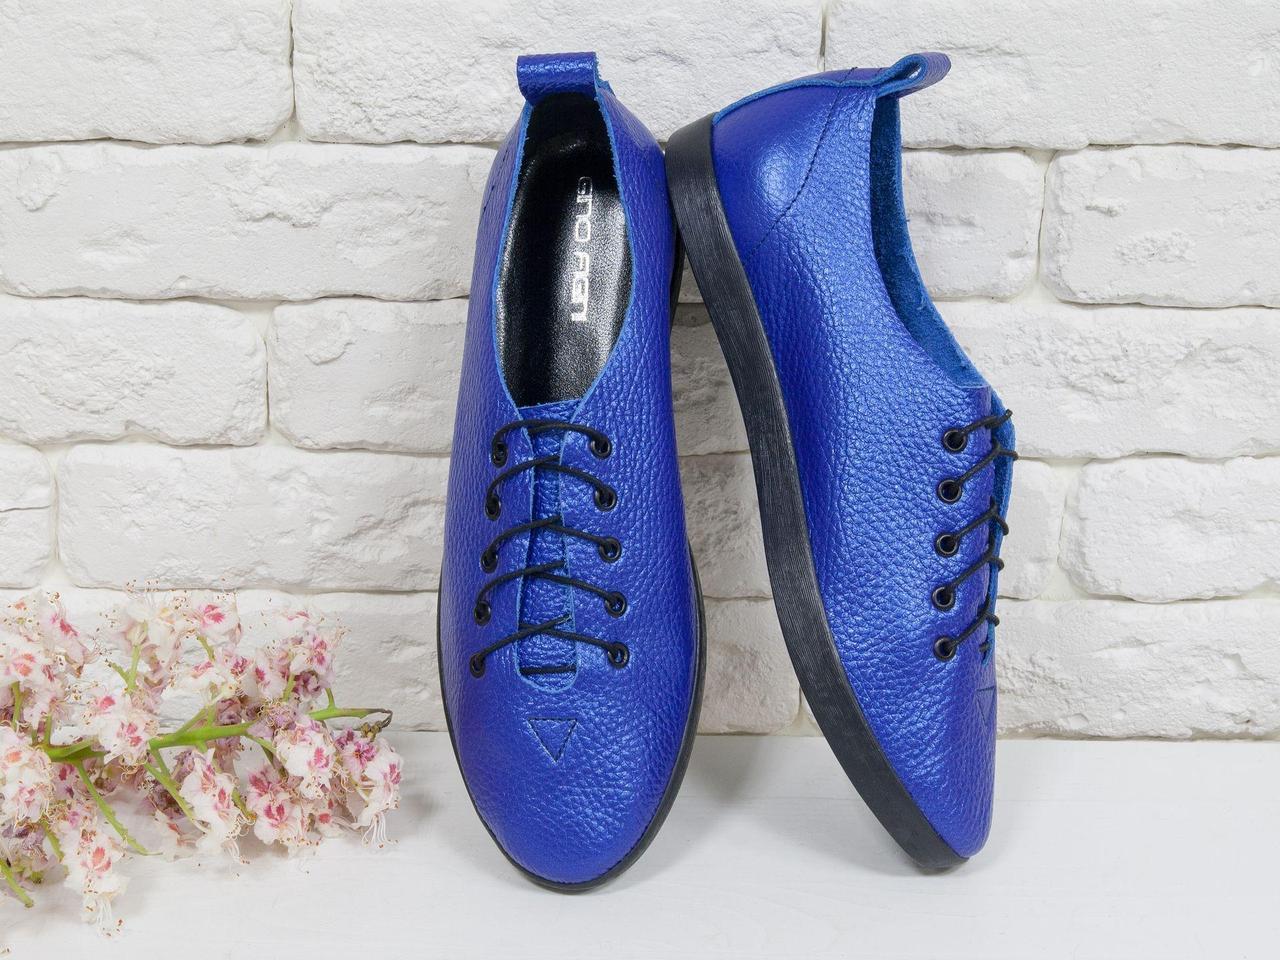 Невероятно легкие туфли-кеды из натуральной кожи ярко-синего цвета на черной эластичной подошве и черной шнуровке , Т-17412-06